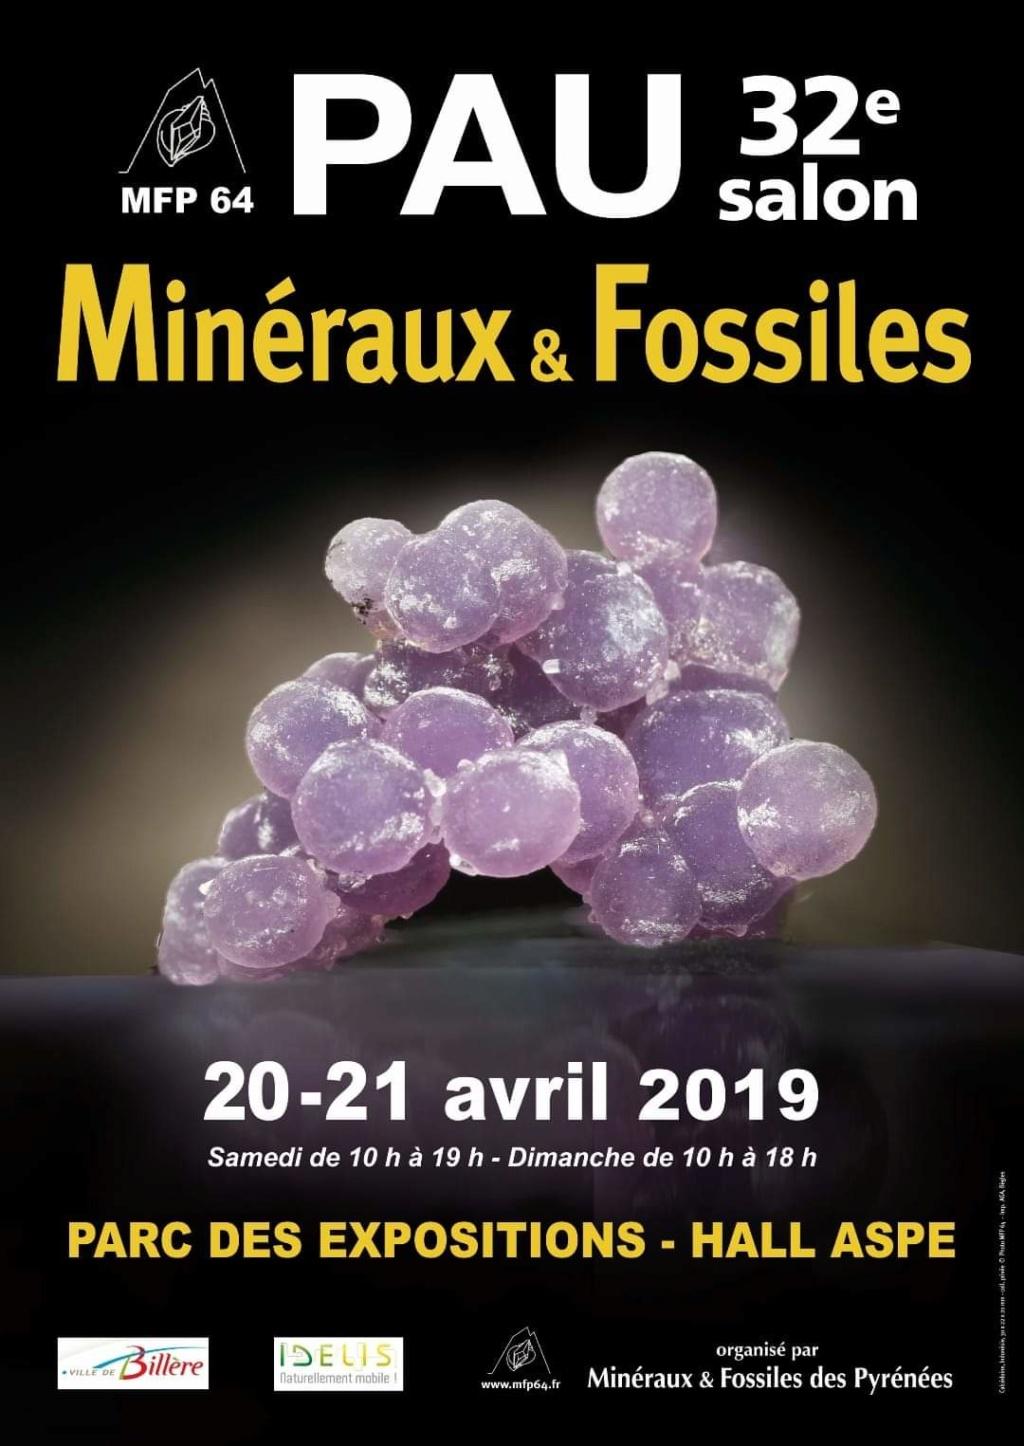 Ferias y eventos mes de Abril 2019. - Página 2 Fb_im261